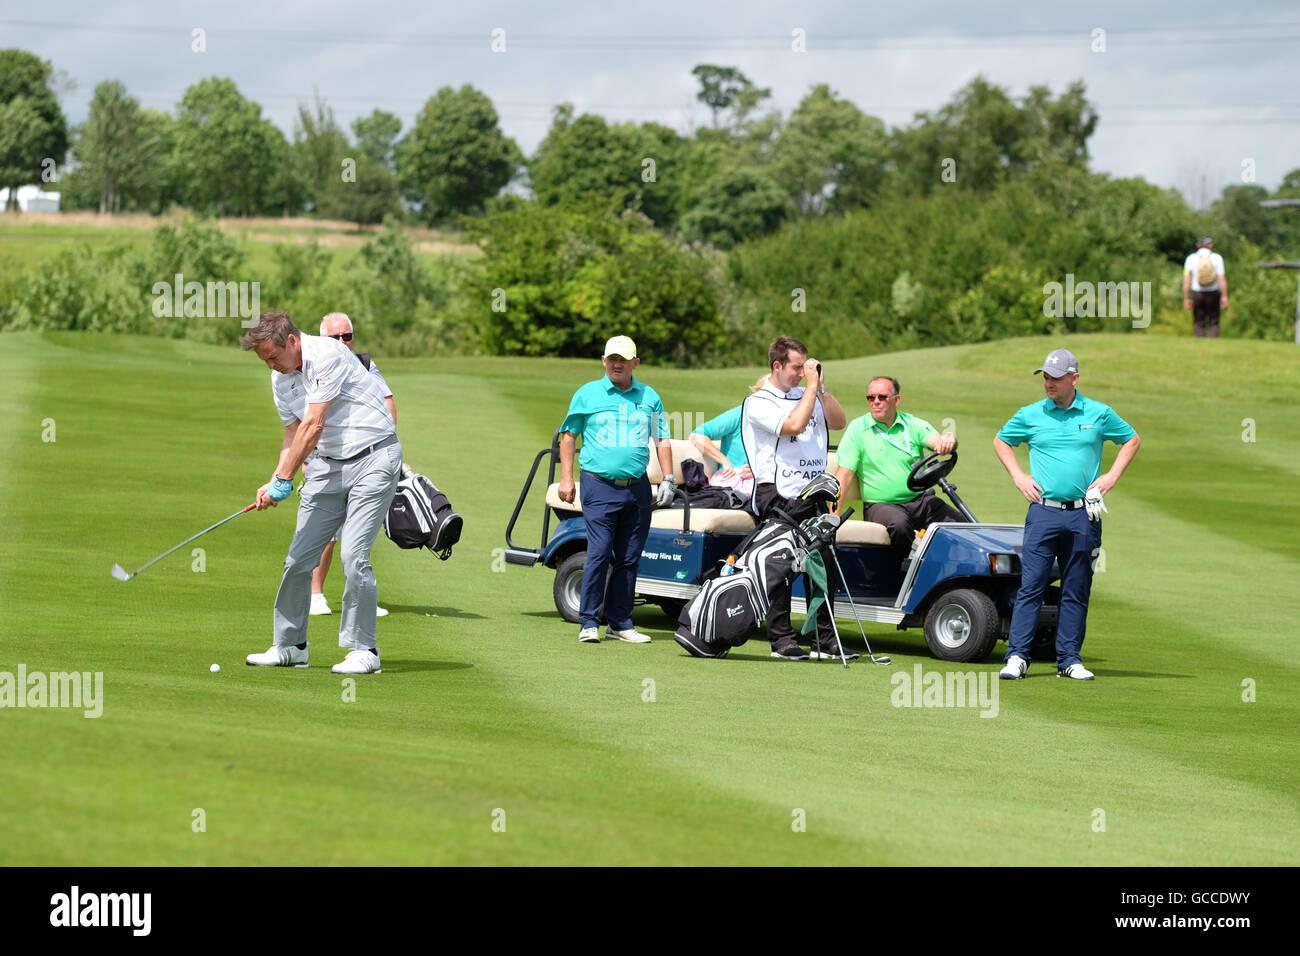 Celtic Manor, Newport, Pays de Galles - Samedi 9 juillet 2016 - La compétition de golf Cup célébrité Photo Stock